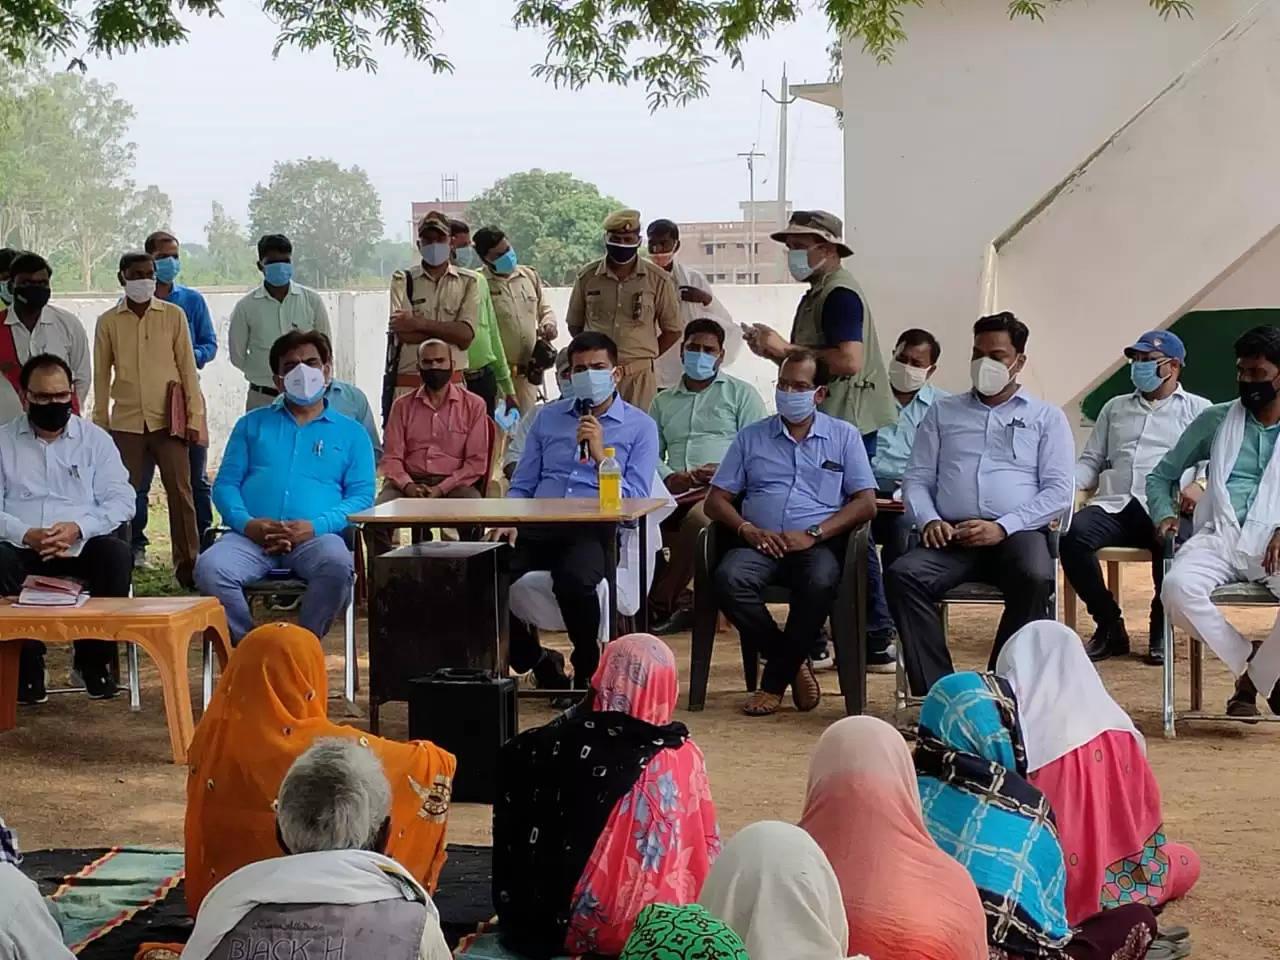 चंदौली : जनचौपाल में डीएम ने सुनी ग्रामीणों की समस्याएं, अमृतपुर गांव में अधूरे शौचालयों की जांच का दिया निर्देश